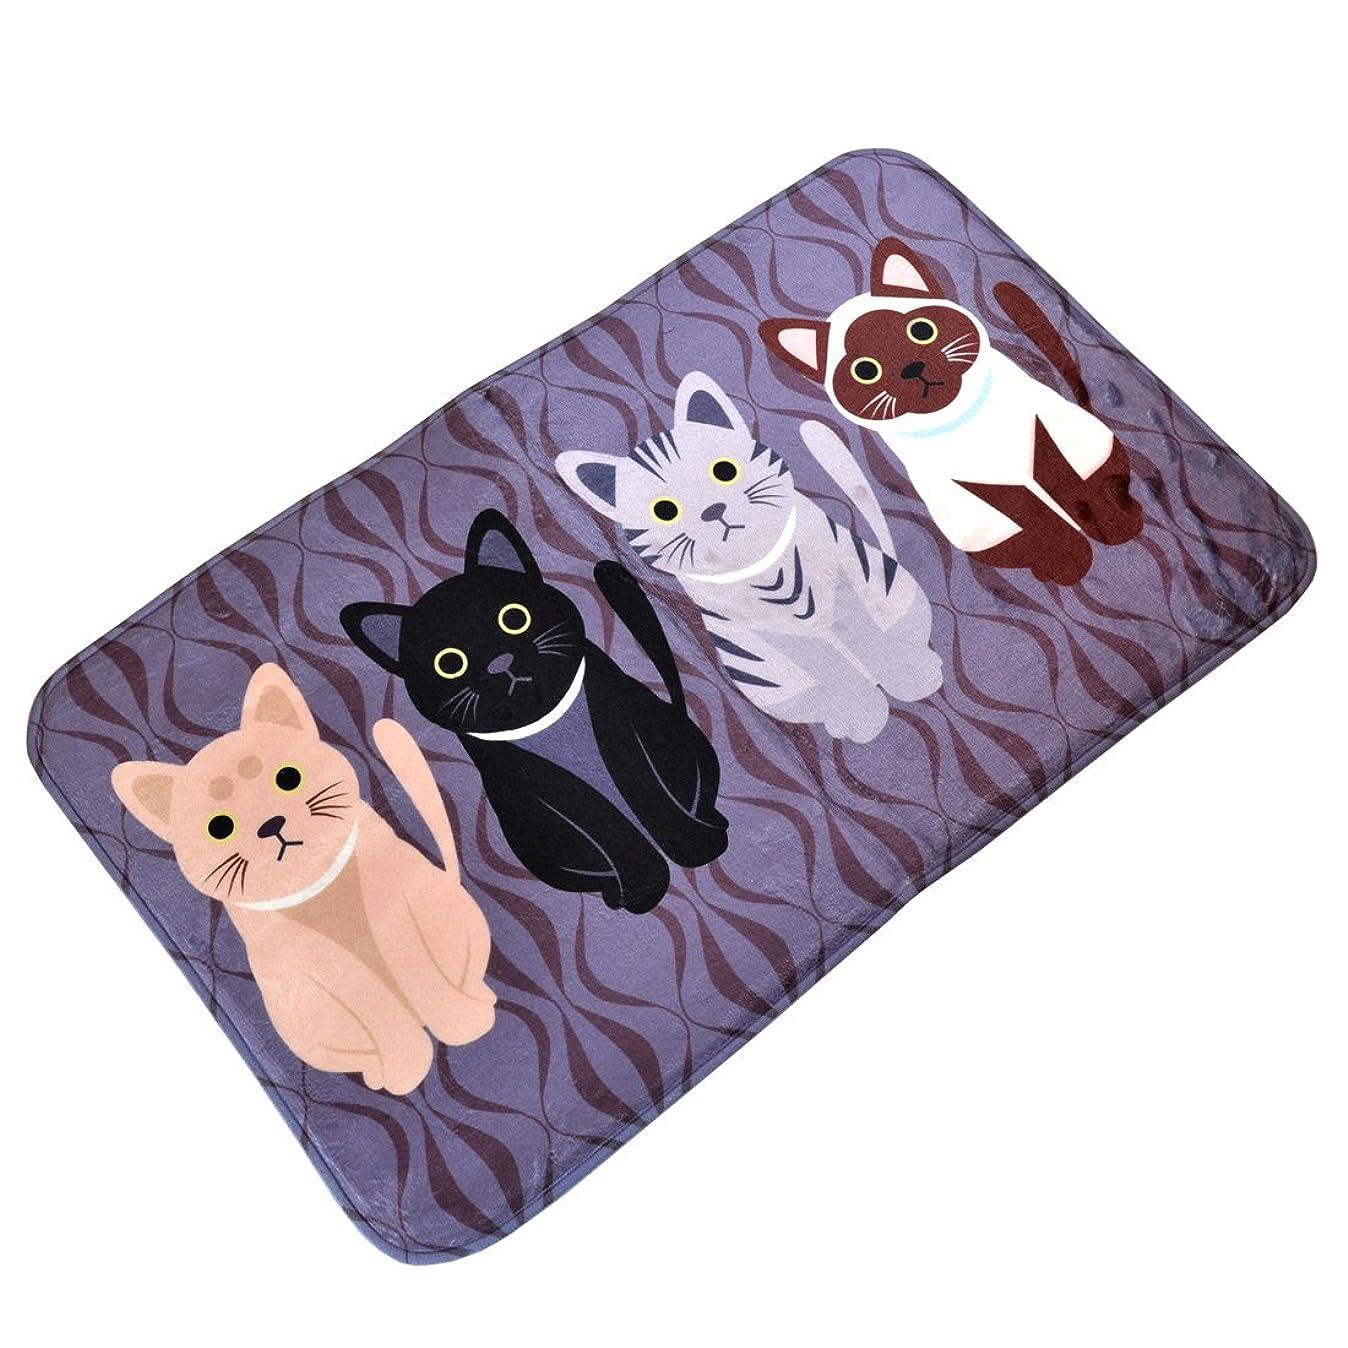 時々時々ペネロペコーヒーJiyaru 可愛い 猫柄 玄関マット ラグマット 北欧風 室内 屋内 お洒落 滑り止め カーペット 50*80cm ブラック